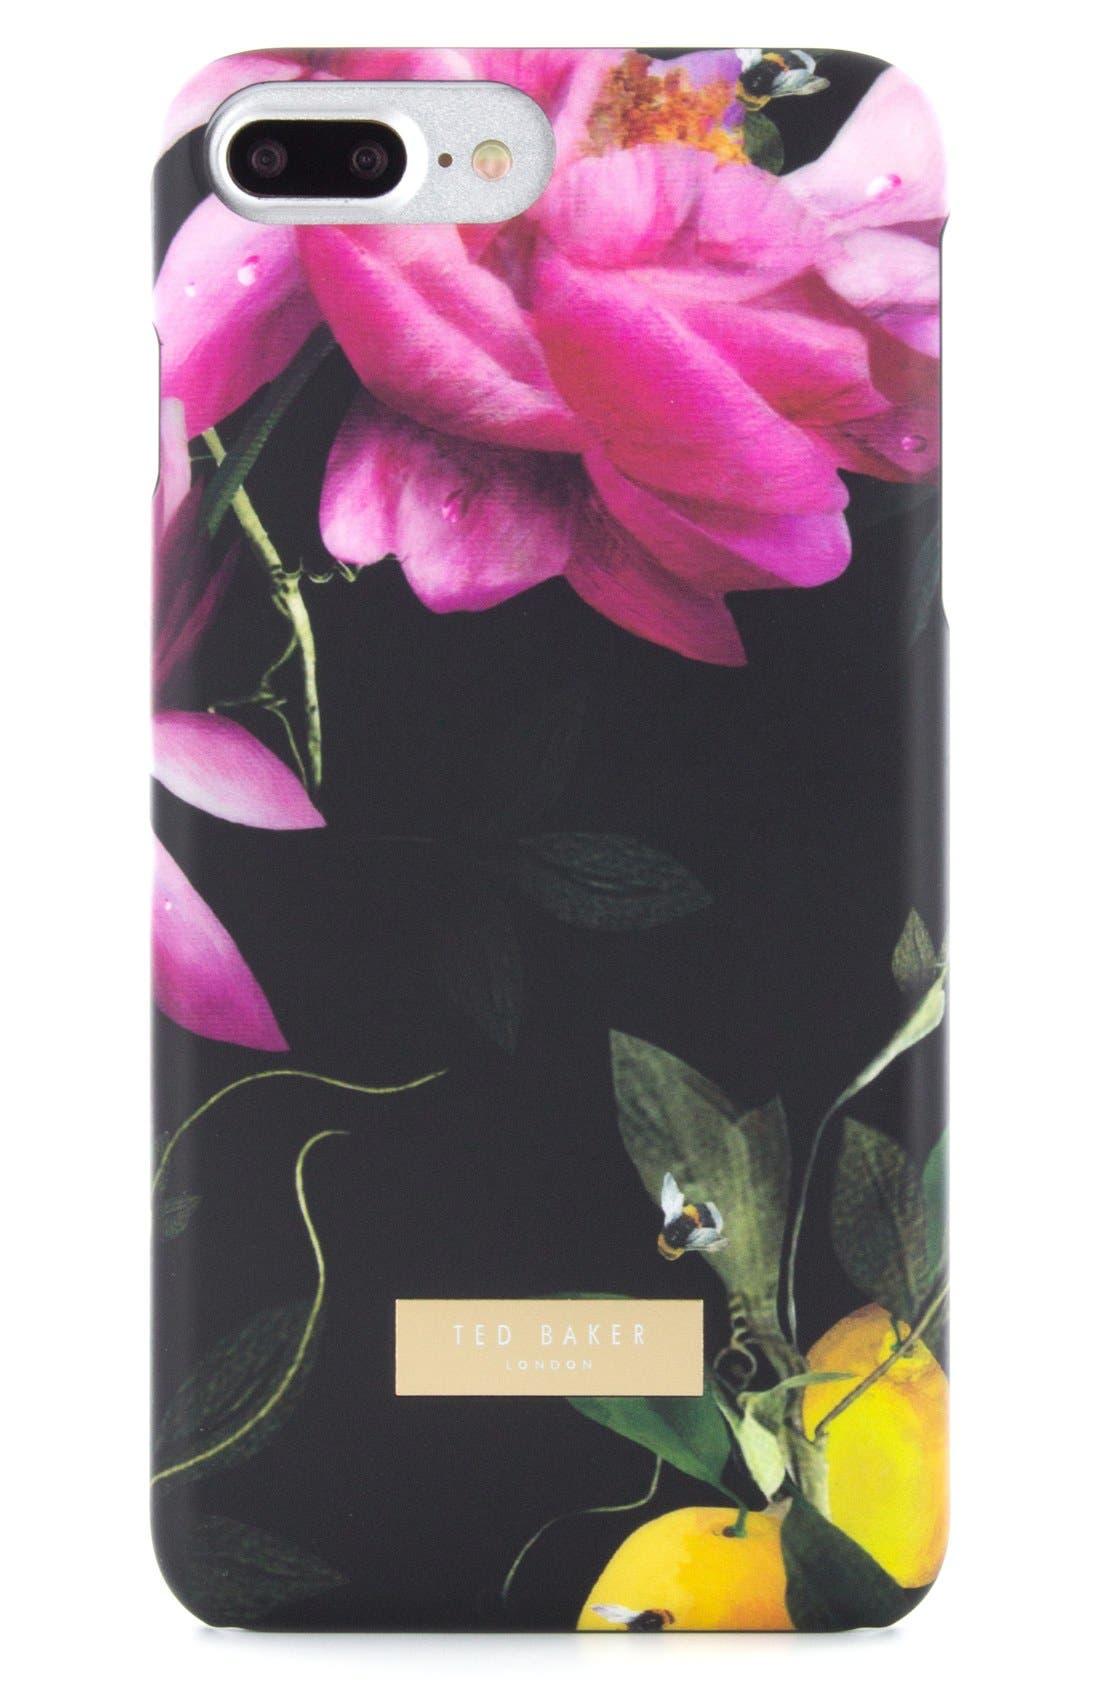 Main Image - Citrus Bloom iPhone 6/6s/7/8 & 6/6s/7/8 Plus Case